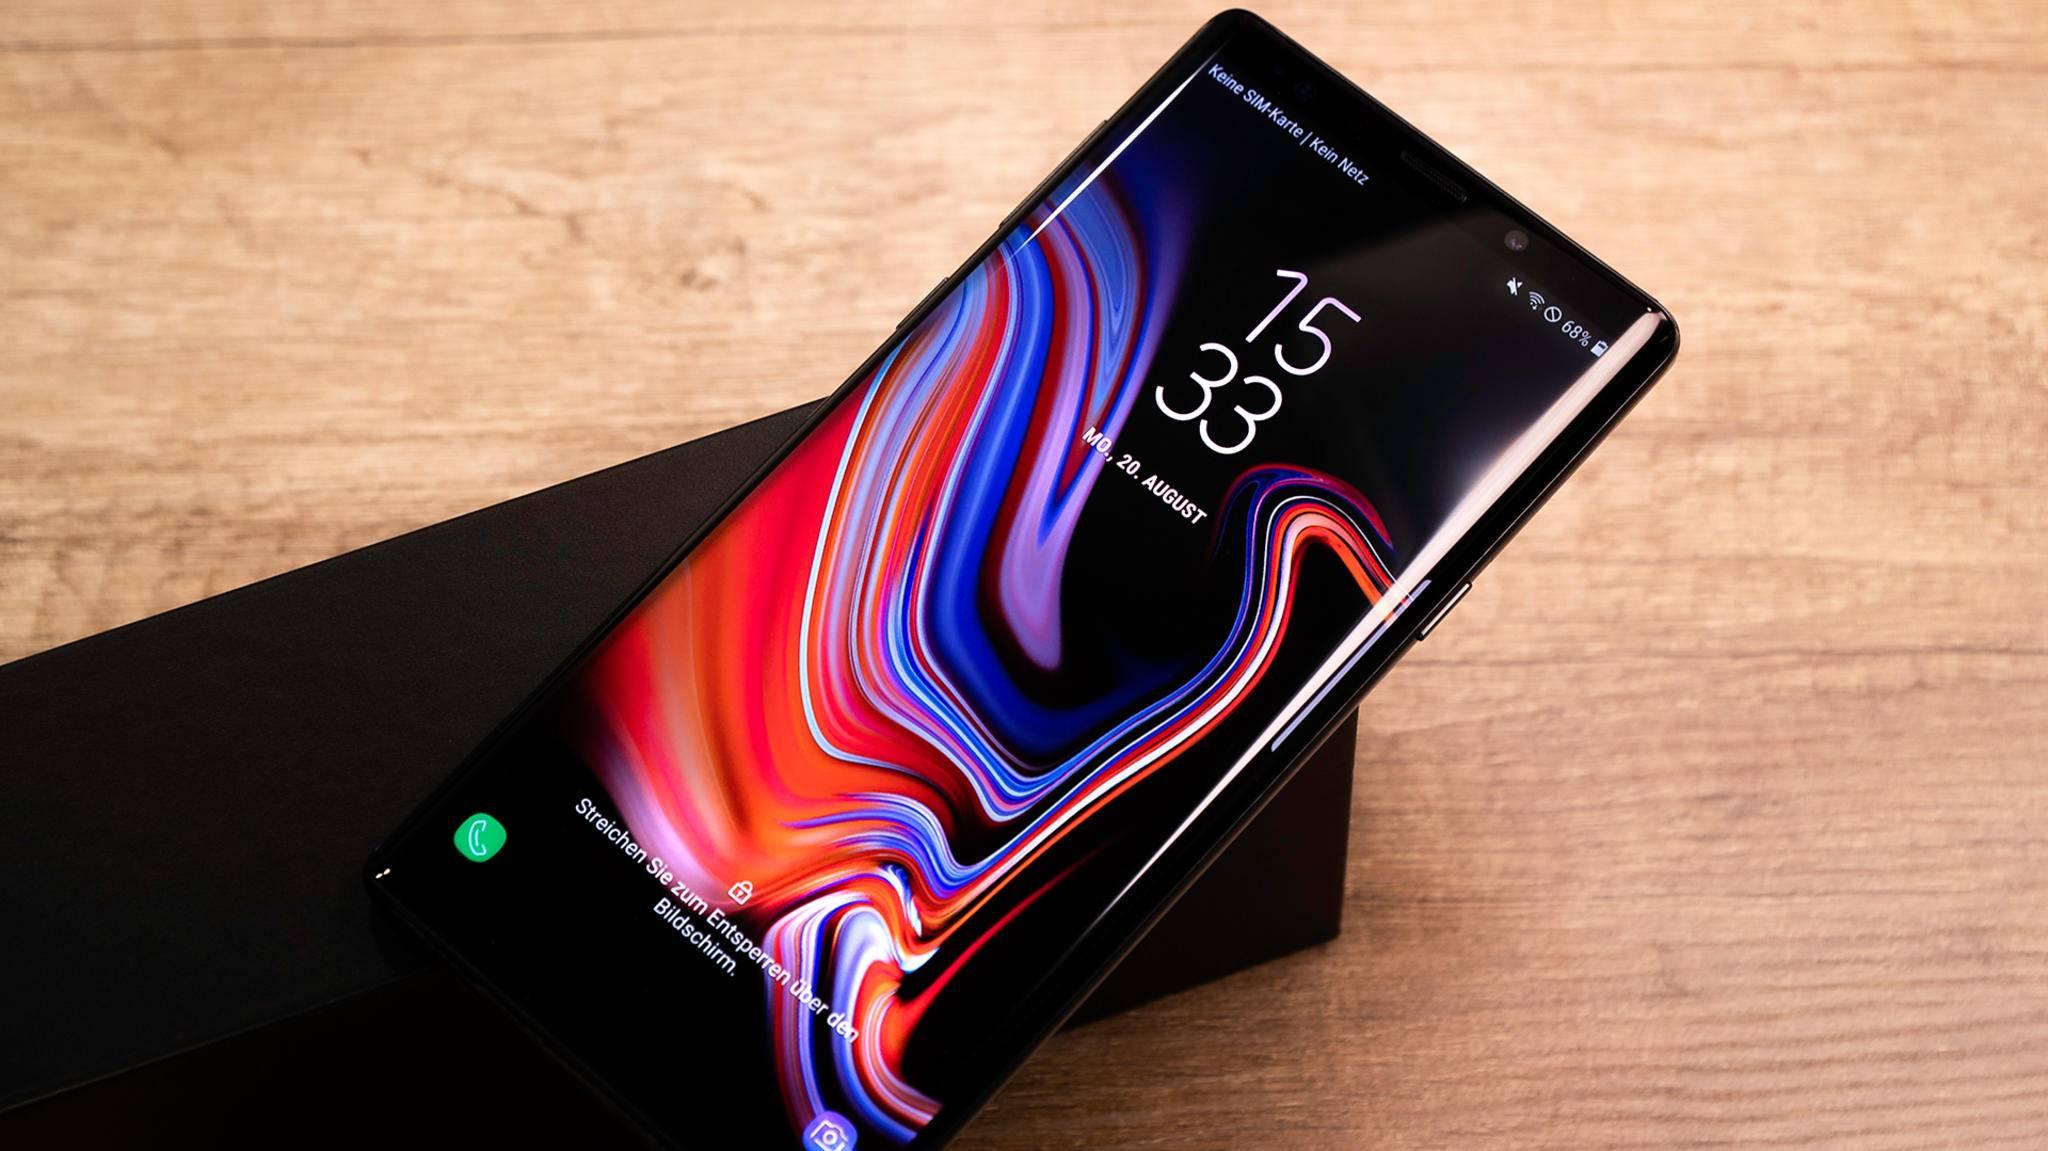 Das 512-GB-Modell des Galaxy Note 9 kostet immerhin 1250 Euro.